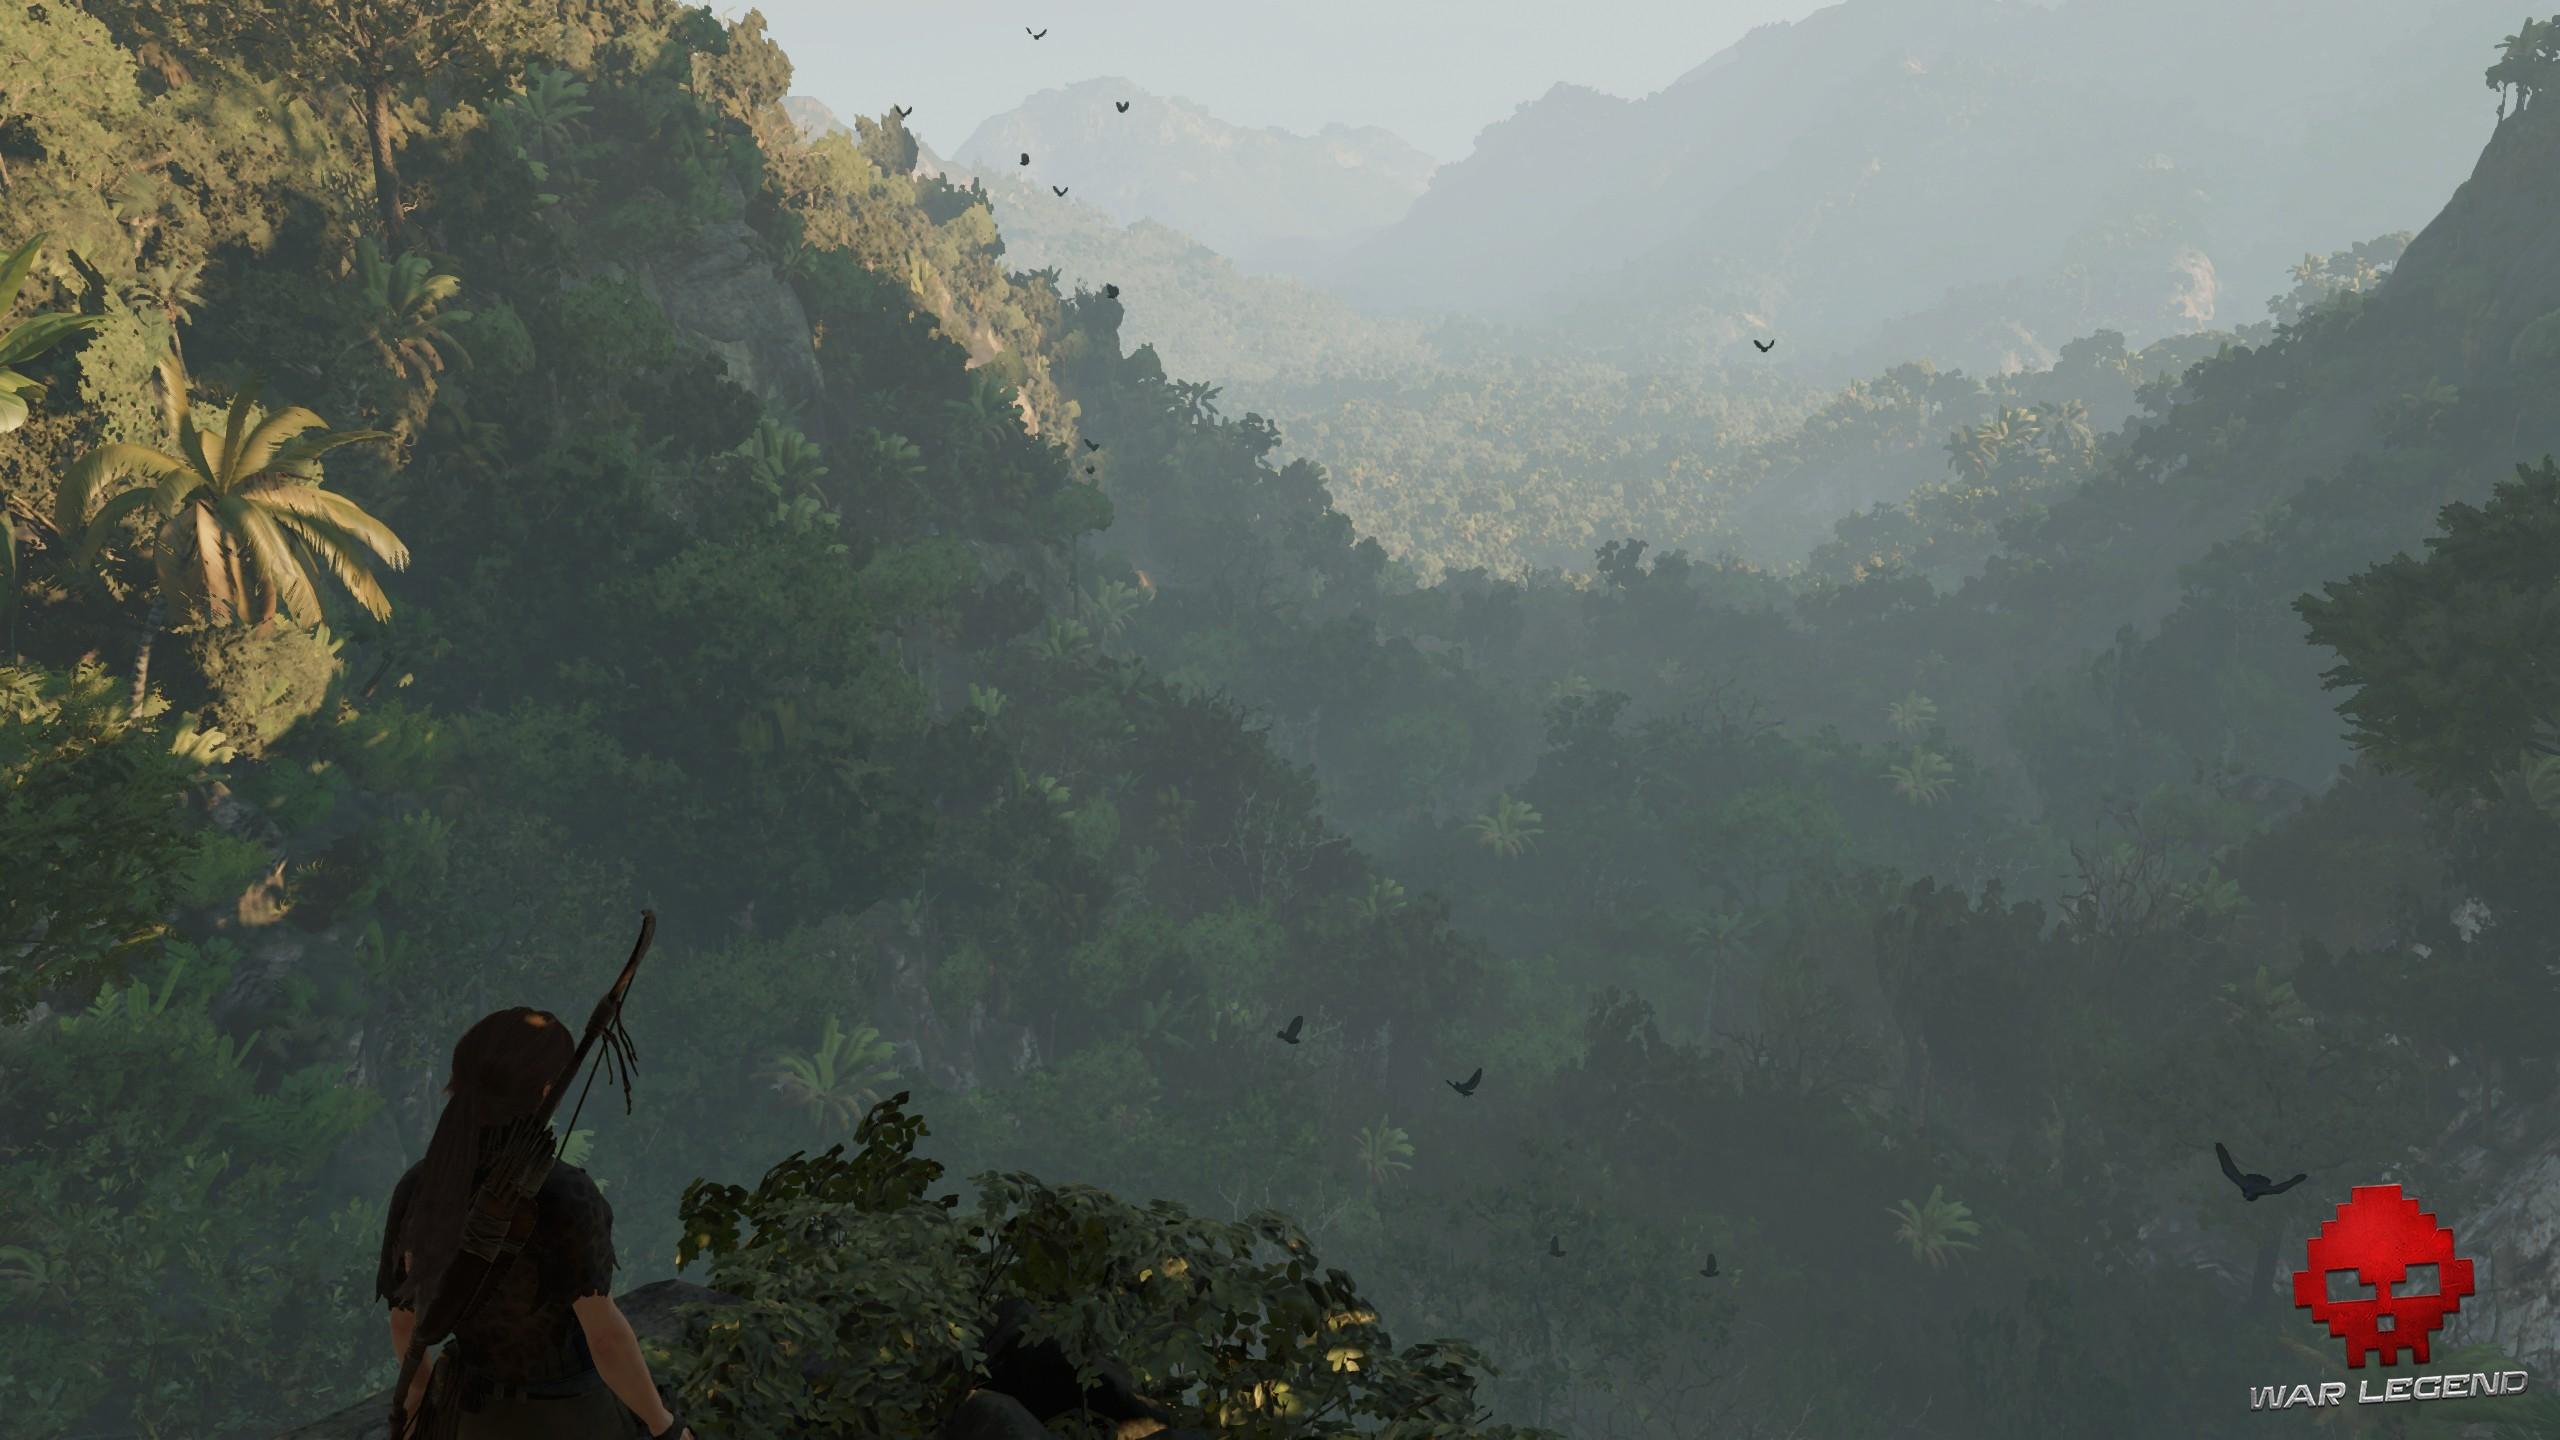 panorama d'une valée boisée